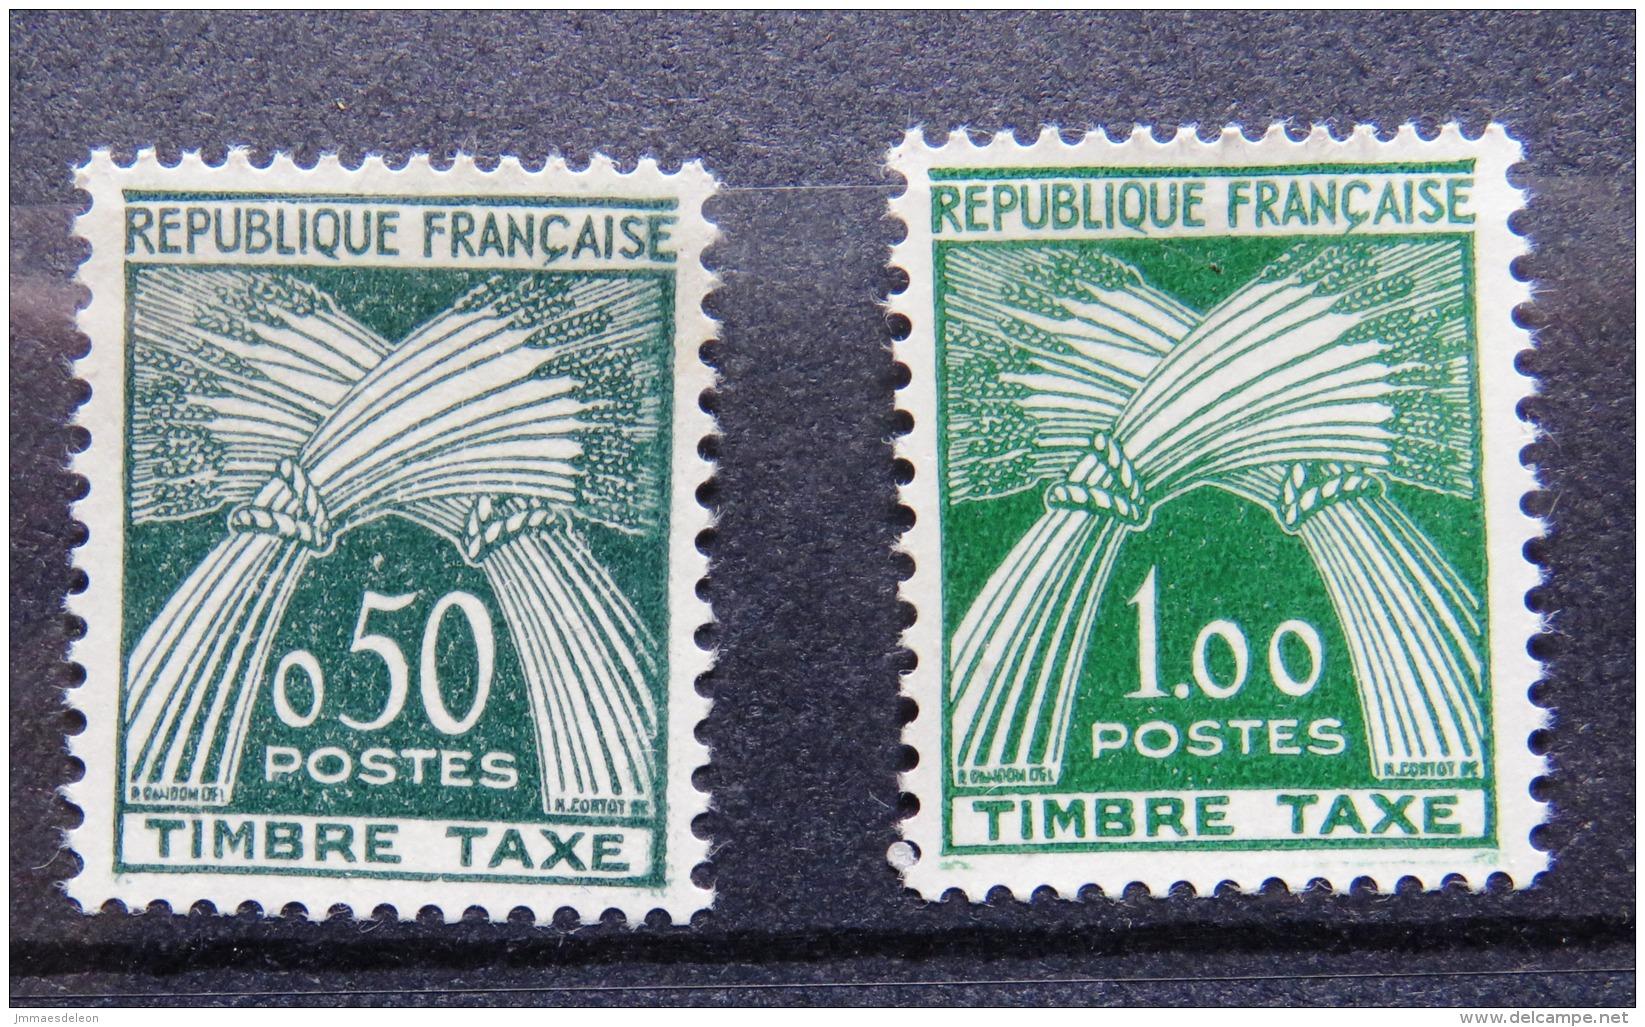 France 1960 Taxe - Postage Due - Mint - Full Gum - Gerbes De Ble - Wheat (cote 60 Euros) - Set De 4 Timbres - 4 Val. - Postage Due